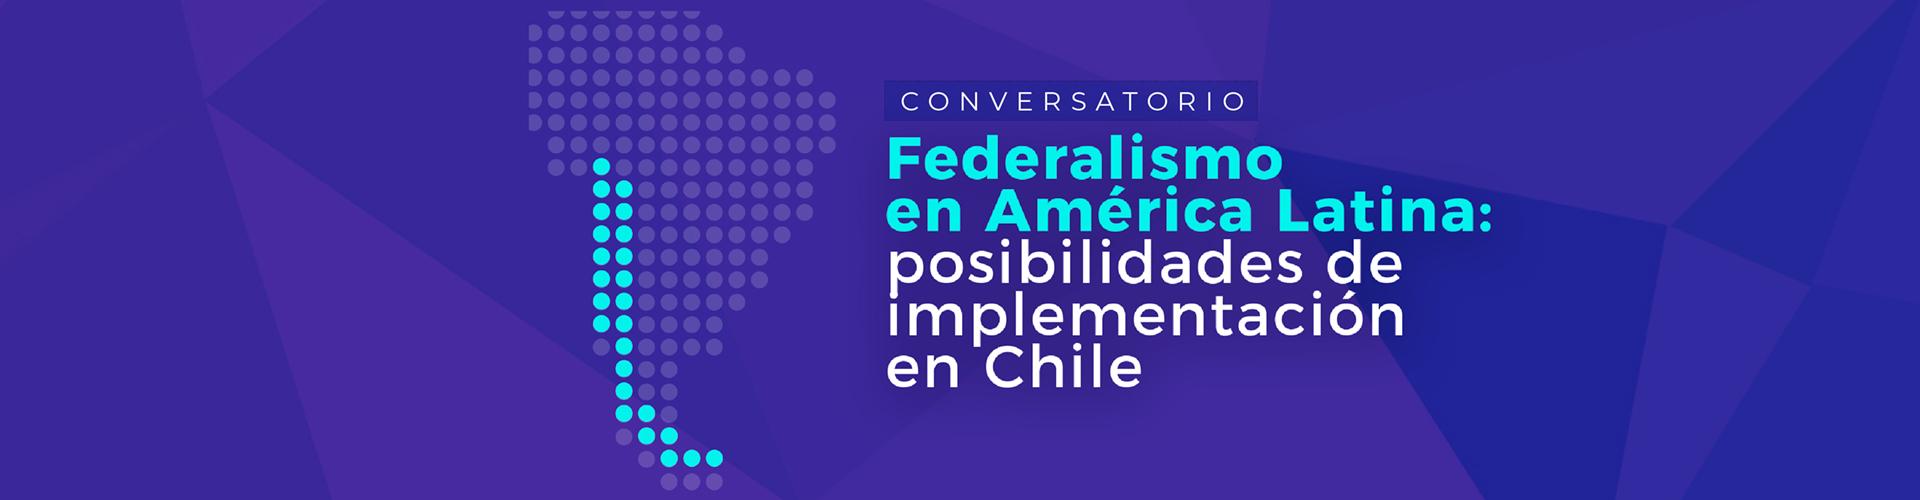 Conversatorio Federalismo en América Latina